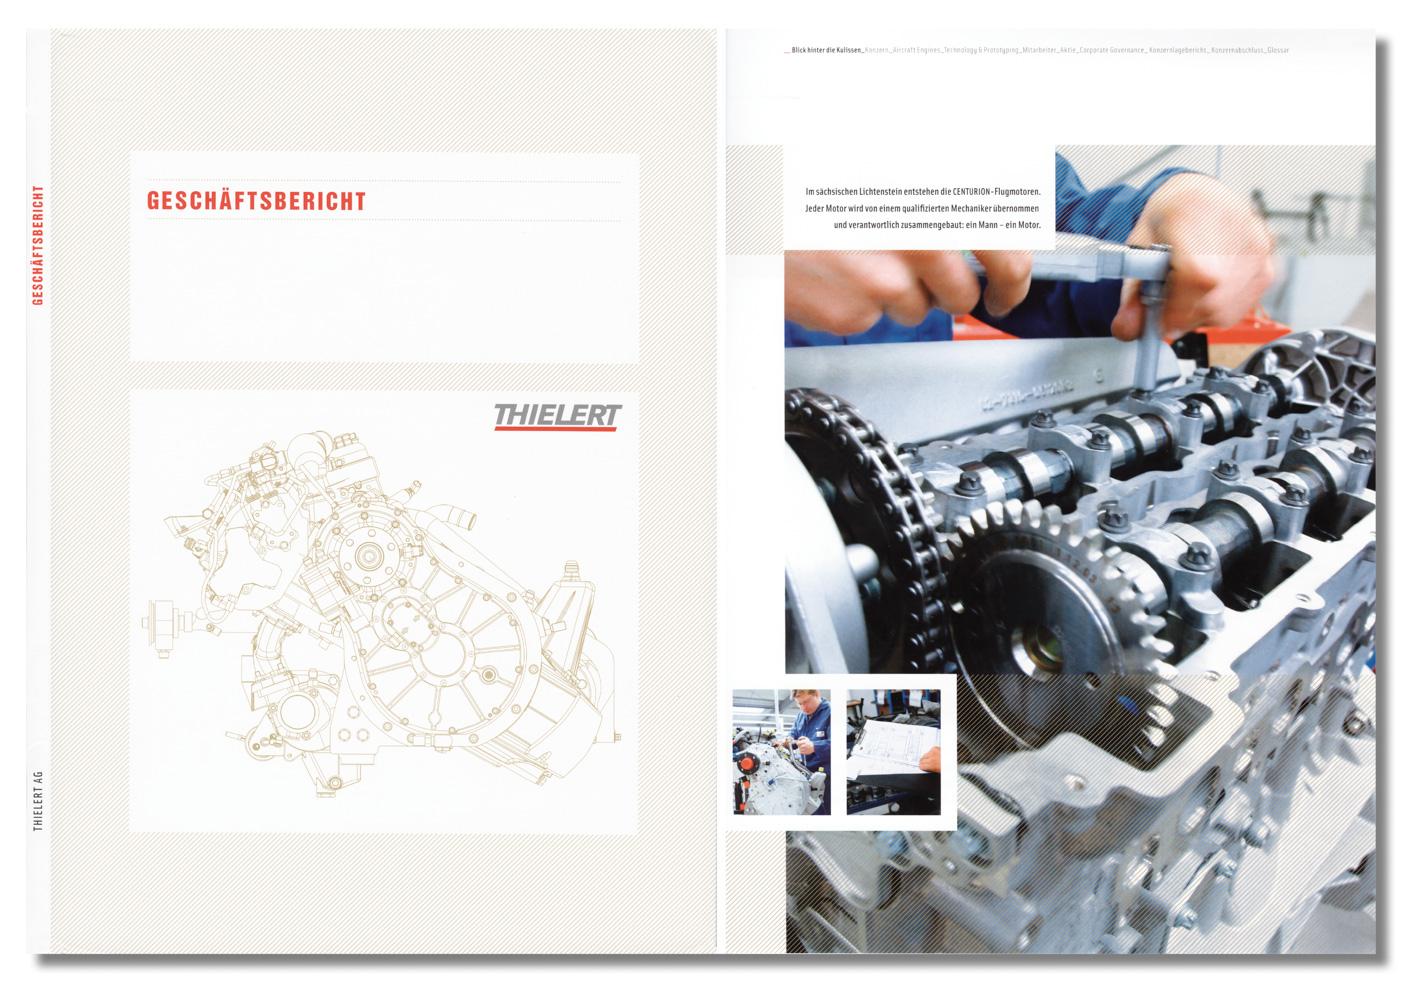 Geschäftsbericht, Thielert Flugzeugmotoren